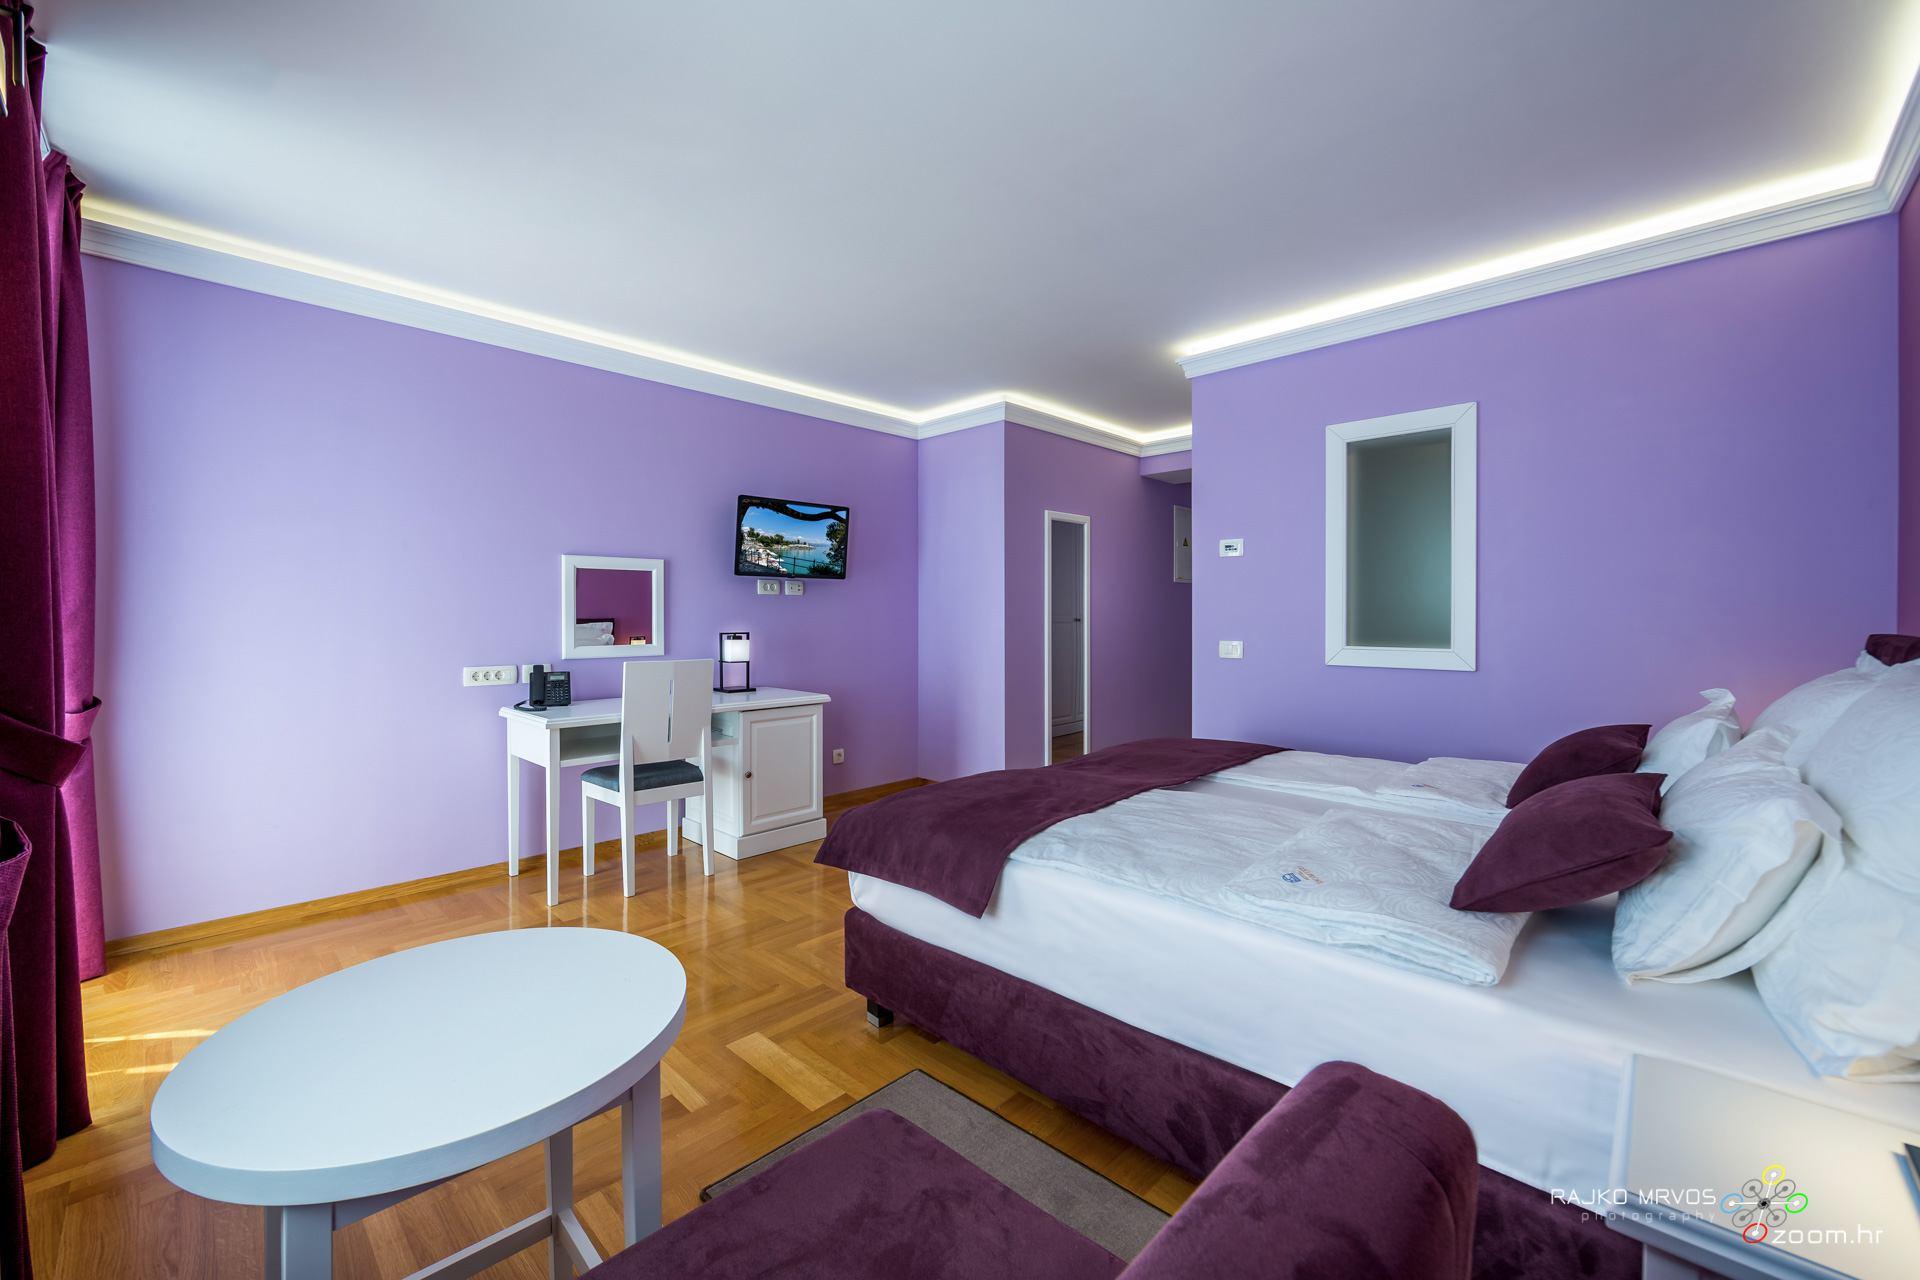 profesionalno-fotografiranje-hotela-fotograf-hotela-Hotel-Domino-Opatija-69